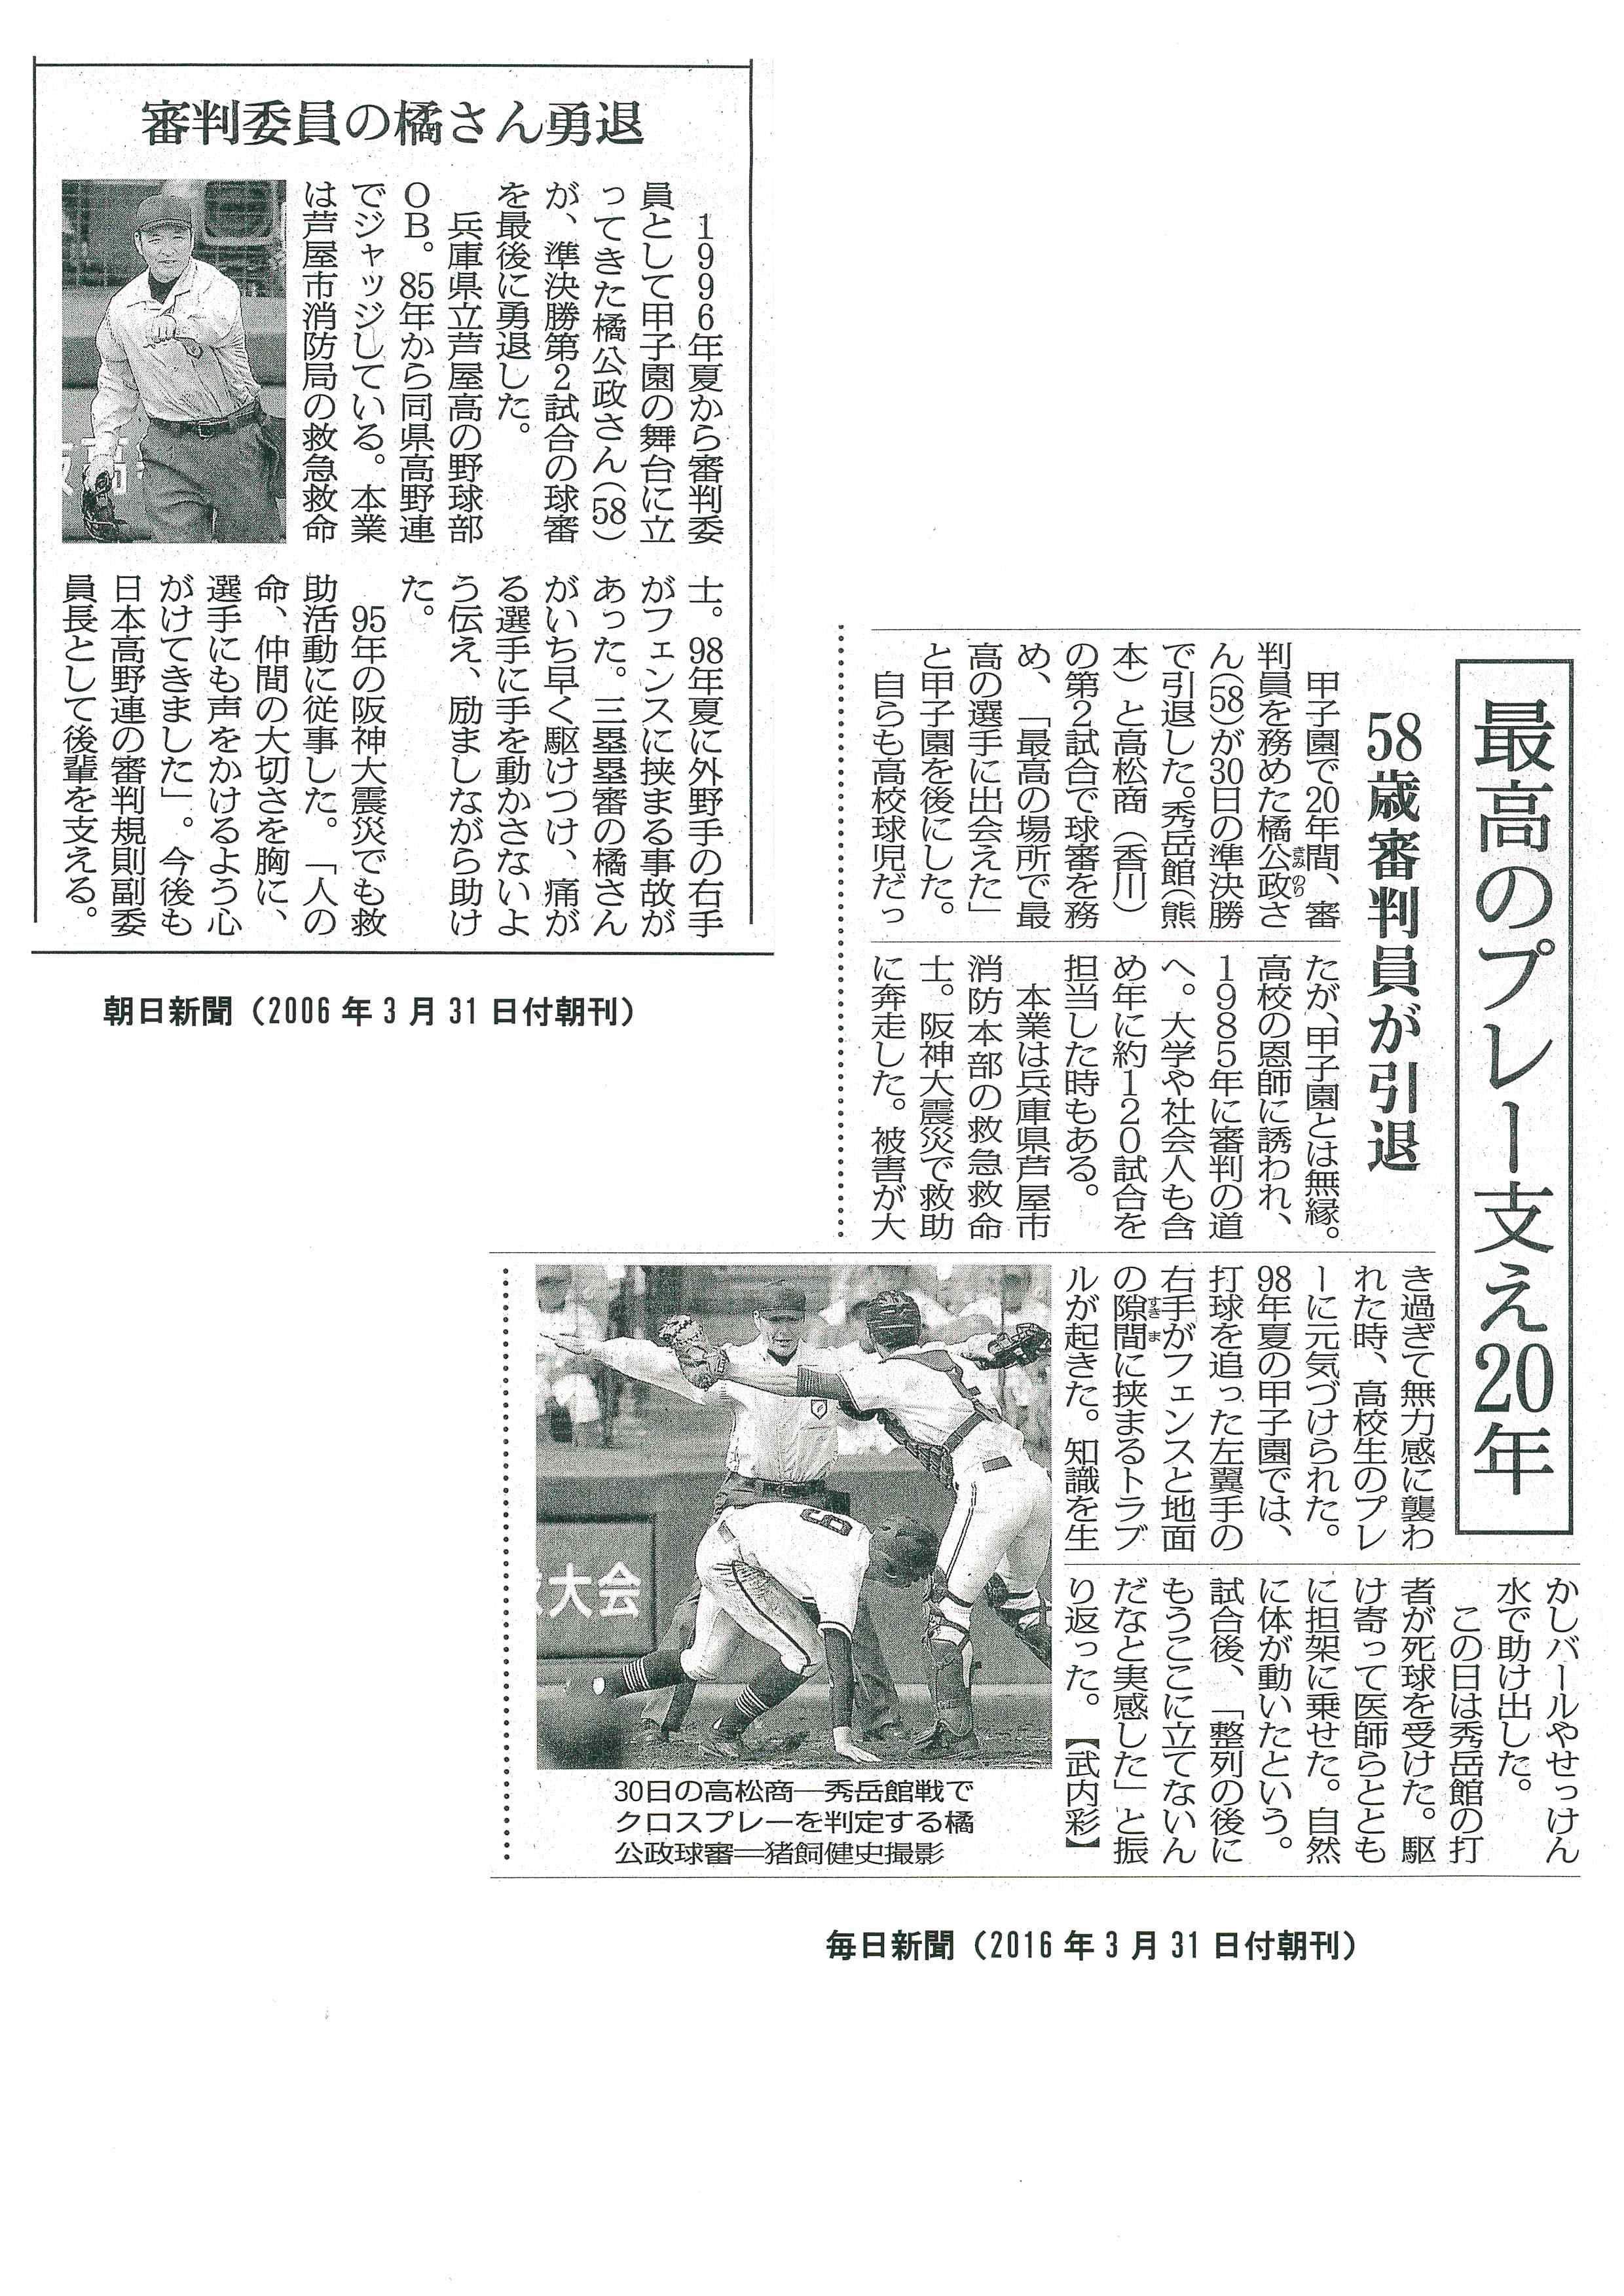 31期生・橘公政さん朝日・毎日記事